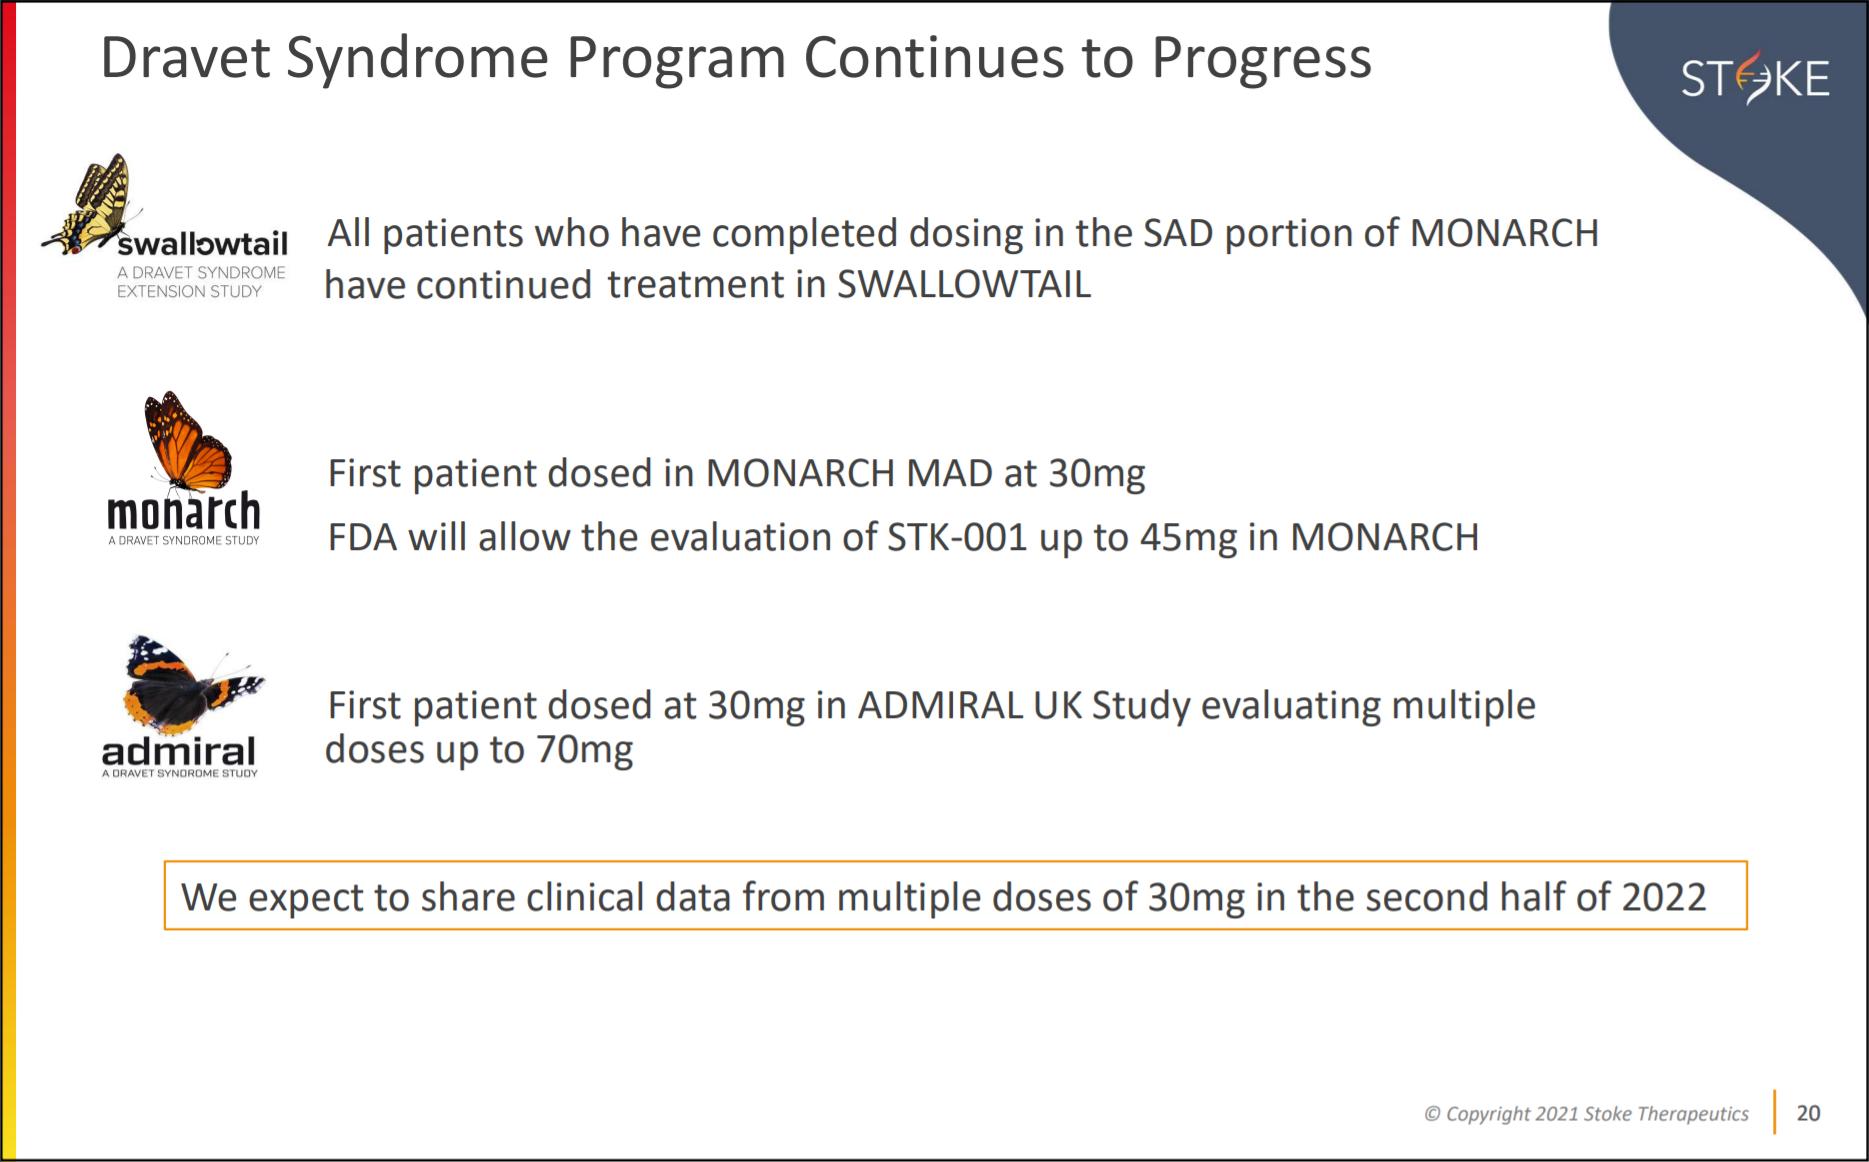 Stoke anuncia datos provisionales positivos del ensayo de STK-001 en pacientes con síndrome de Dravet